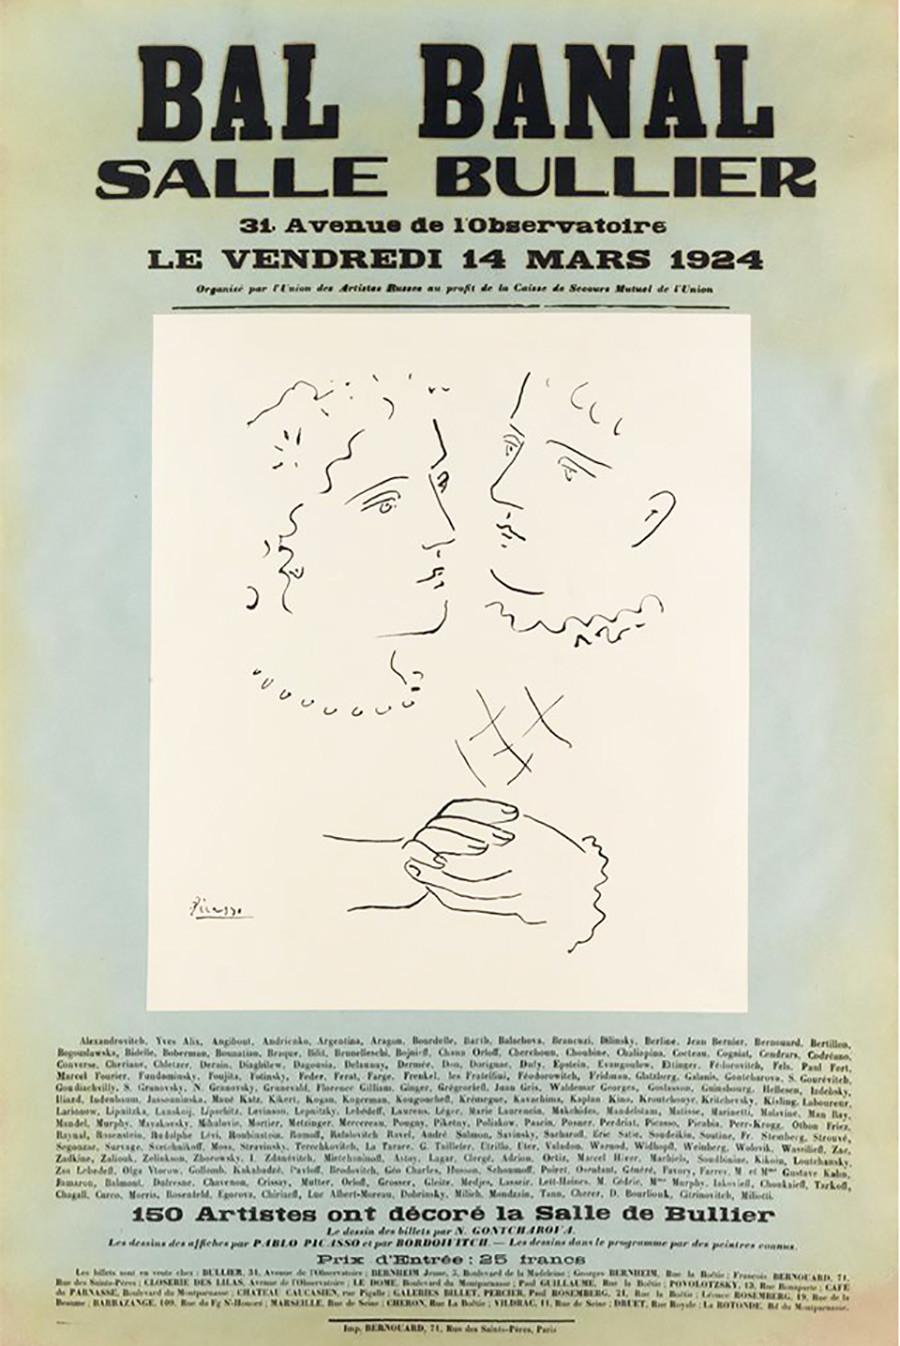 Affiche par Pablo Picasso